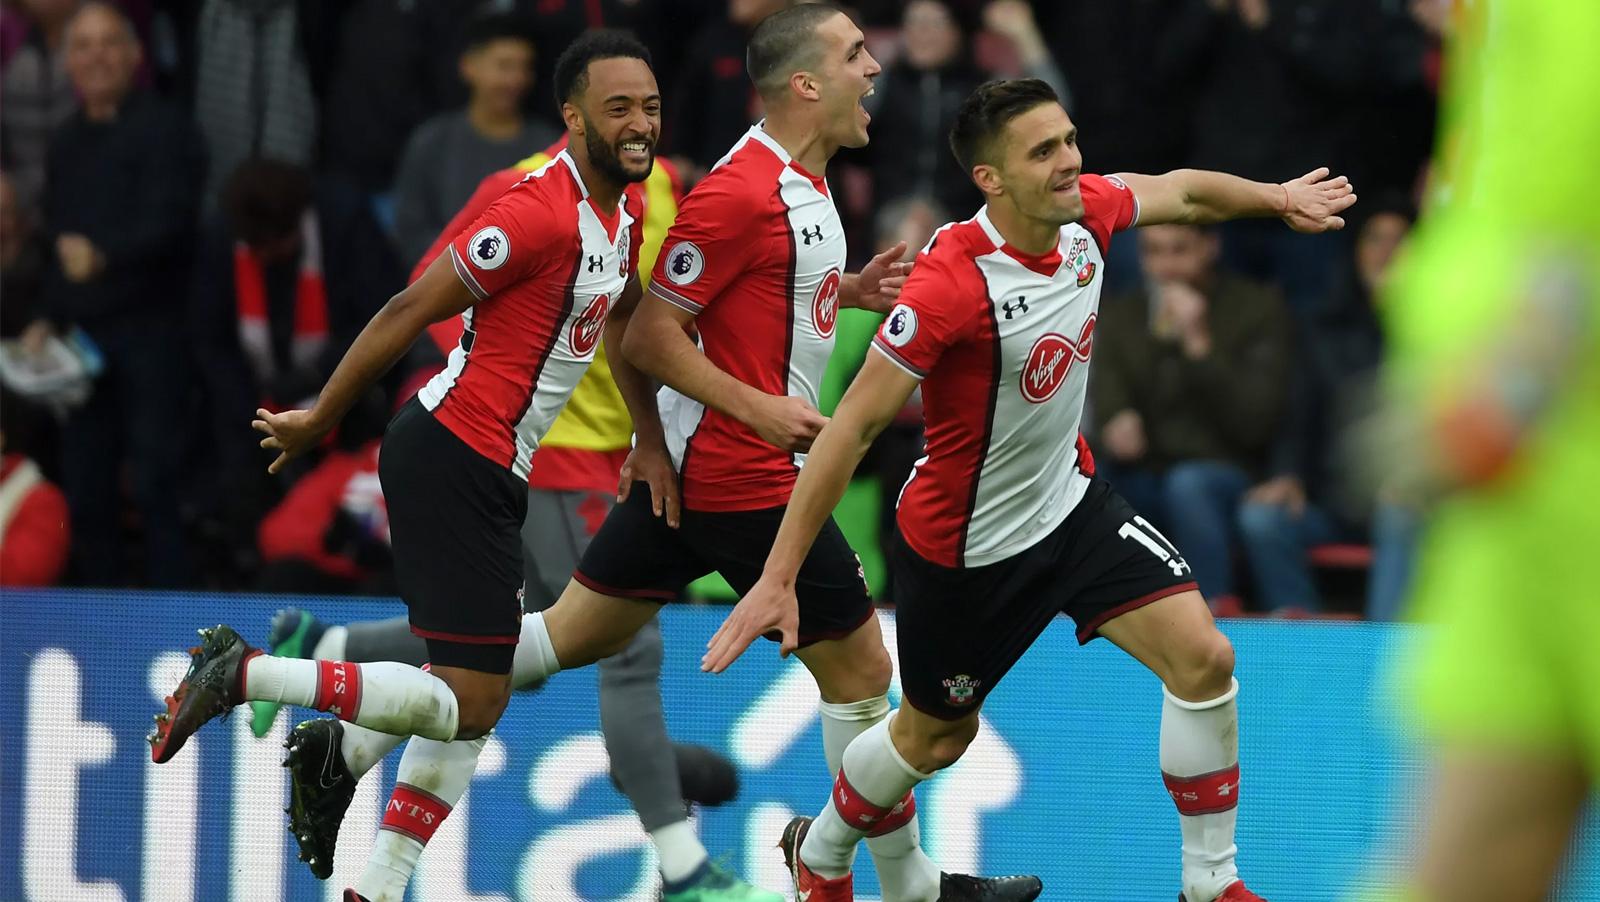 EPL review week 36: Saints have hope as Swansea & Huddersfield lose